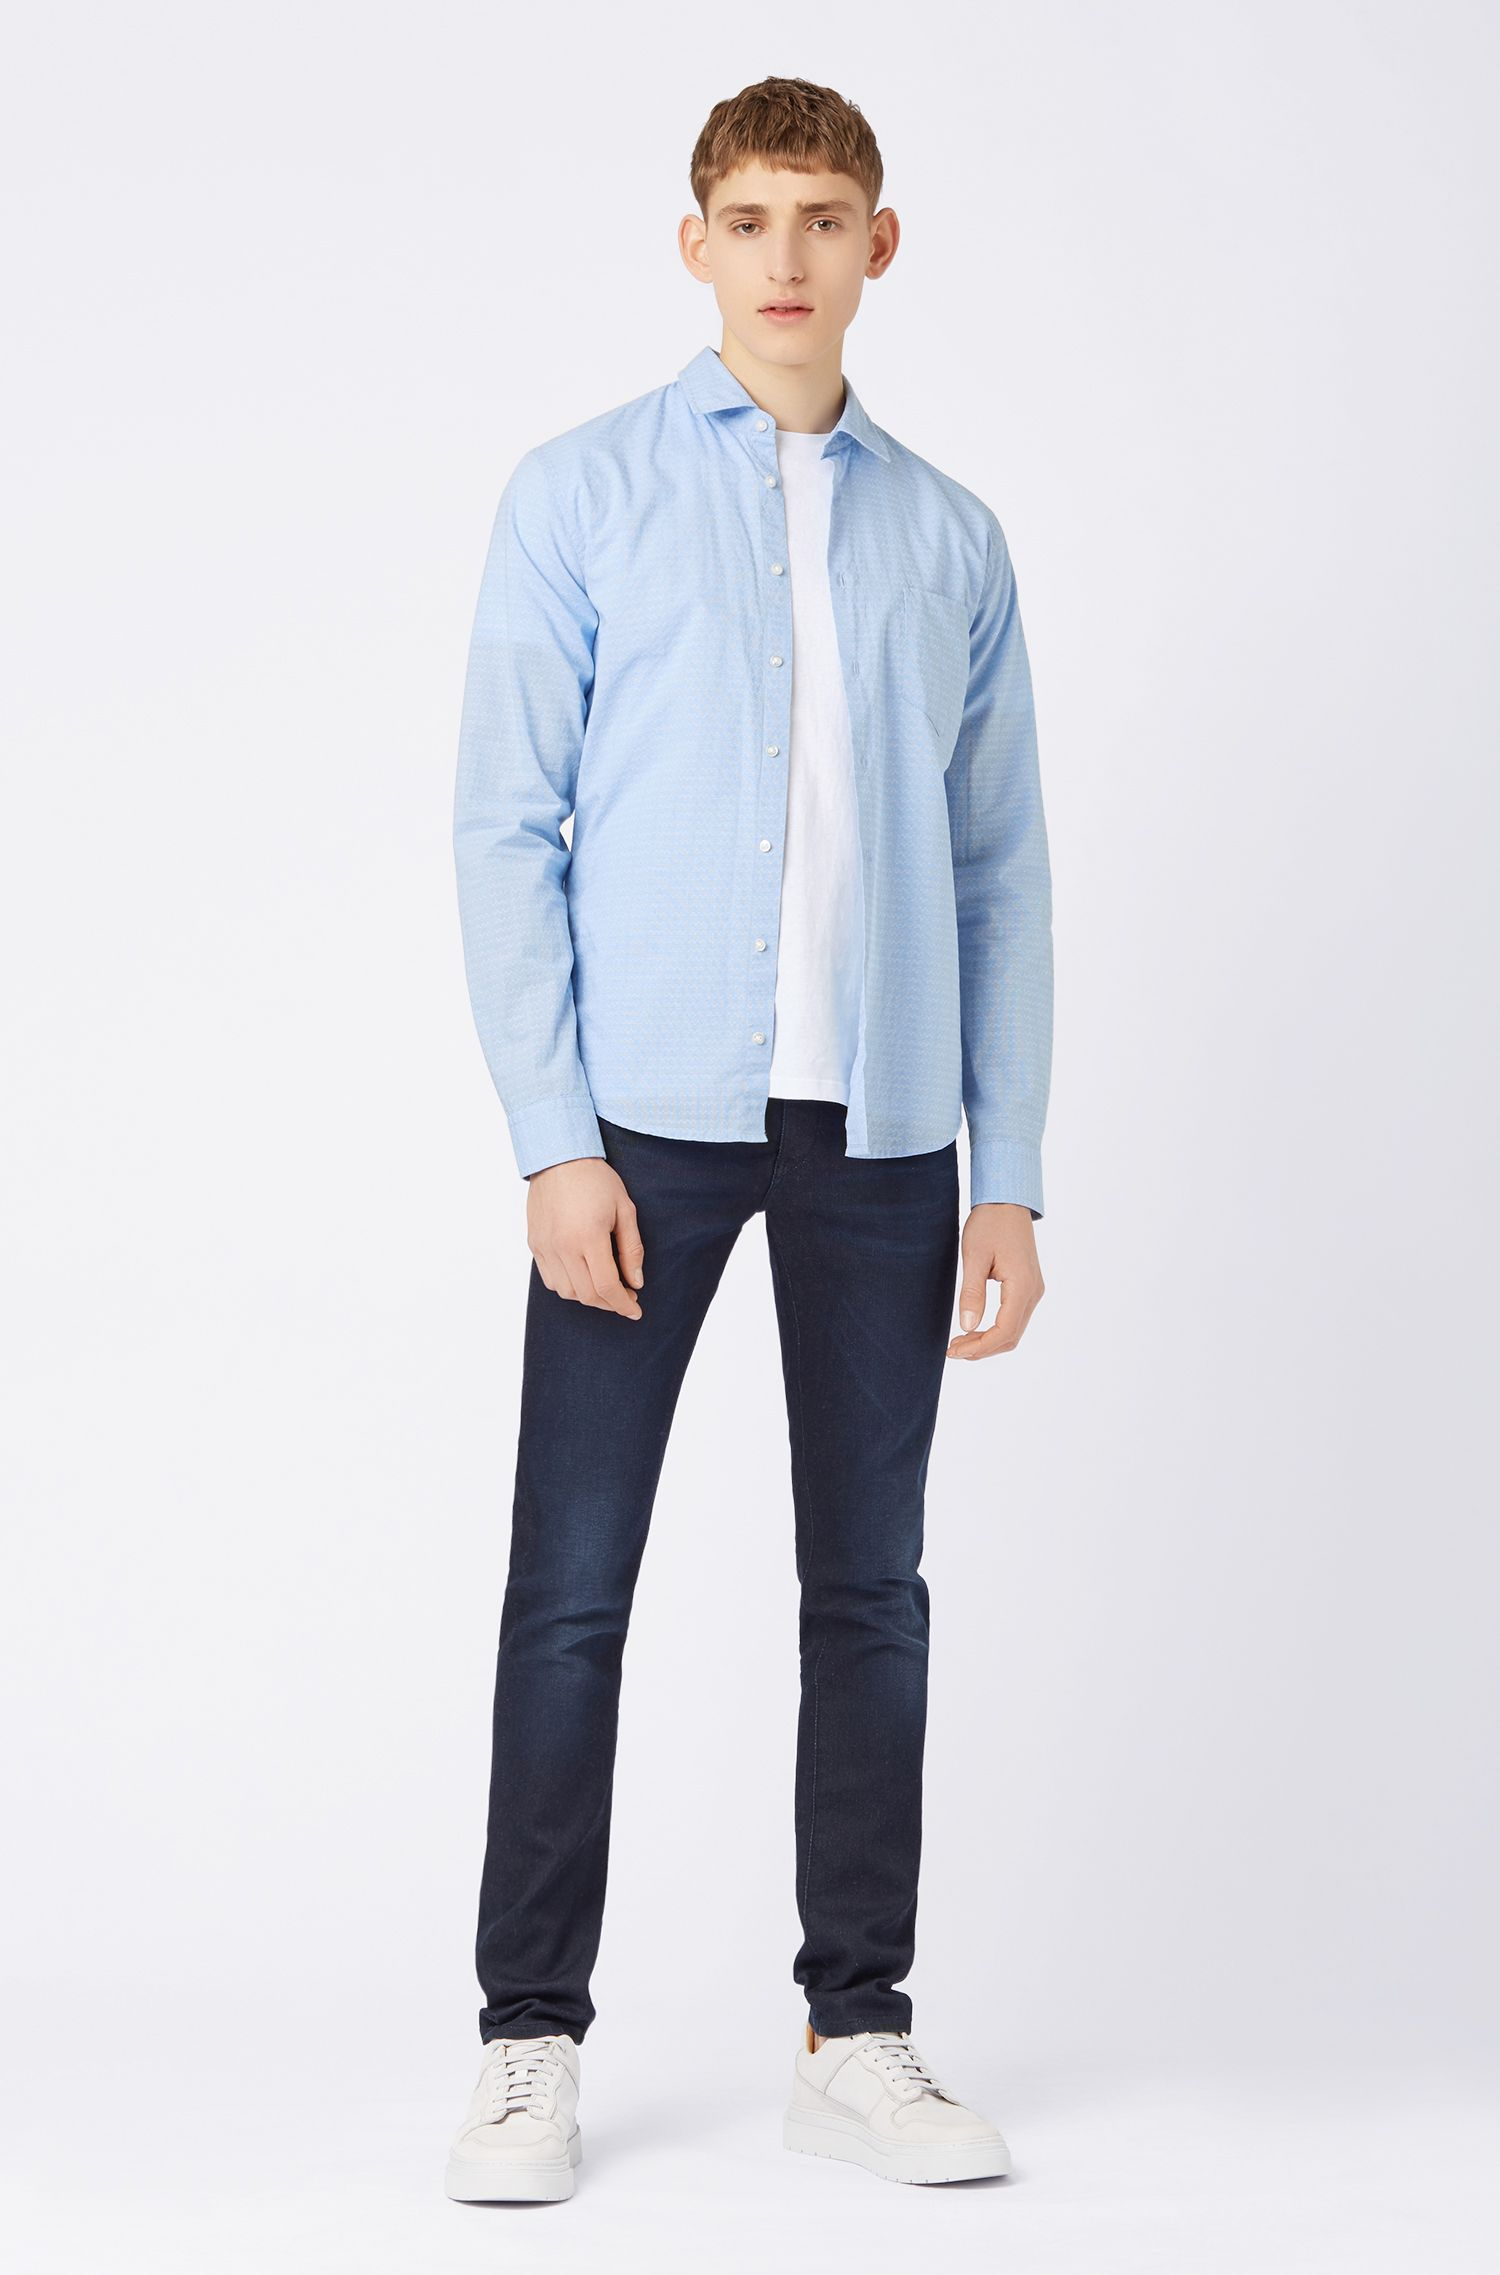 Camicia slim fit in cotone dobby con motivo a disegni geometrici, A disegni